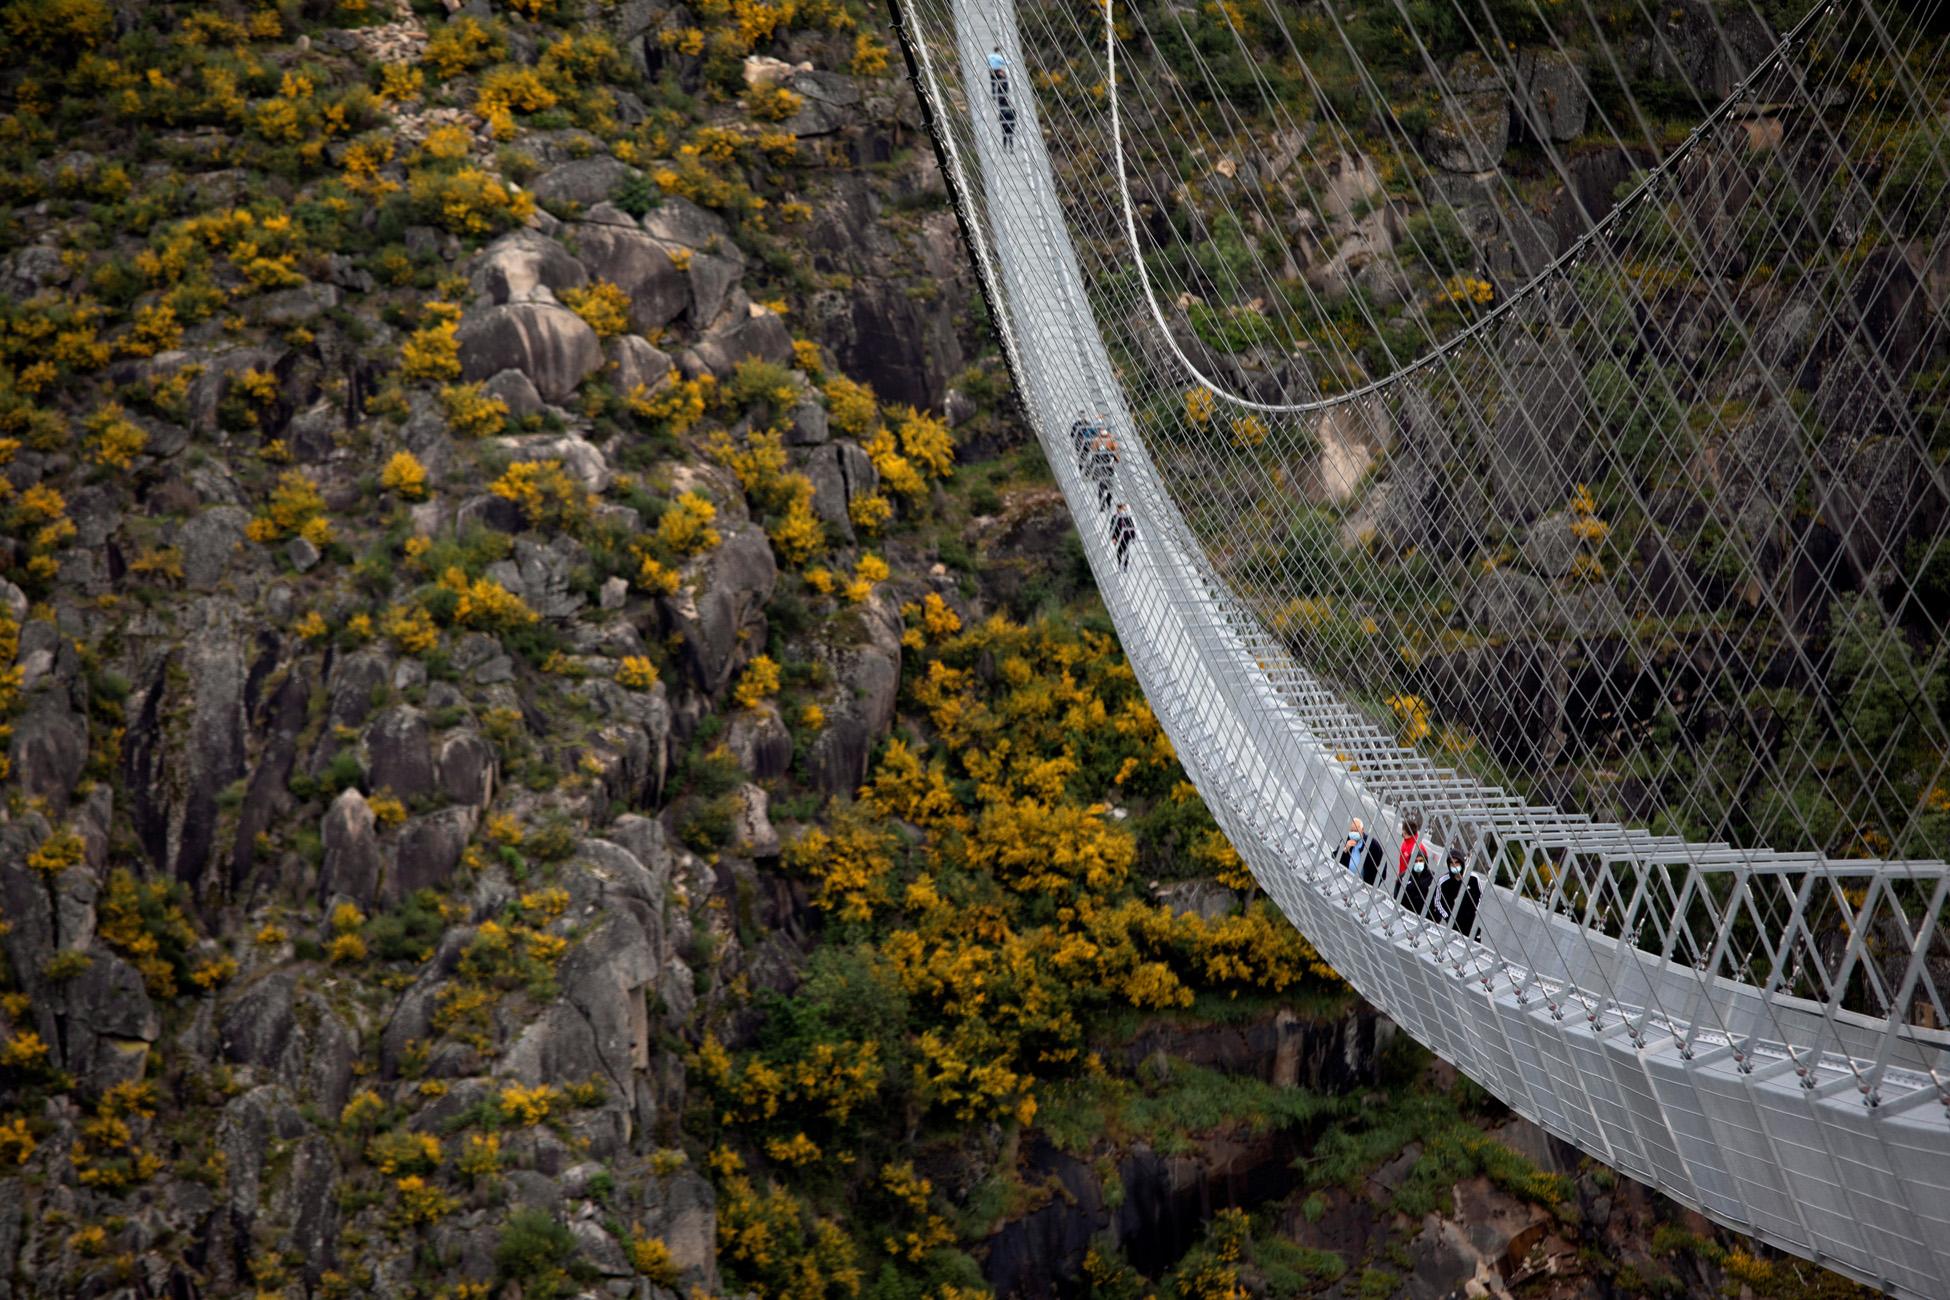 Πορτογαλία: Ιδού η μεγαλύτερη κρεμαστή πεζογέφυρα στον κόσμο – Εντυπωσιακές εικόνες